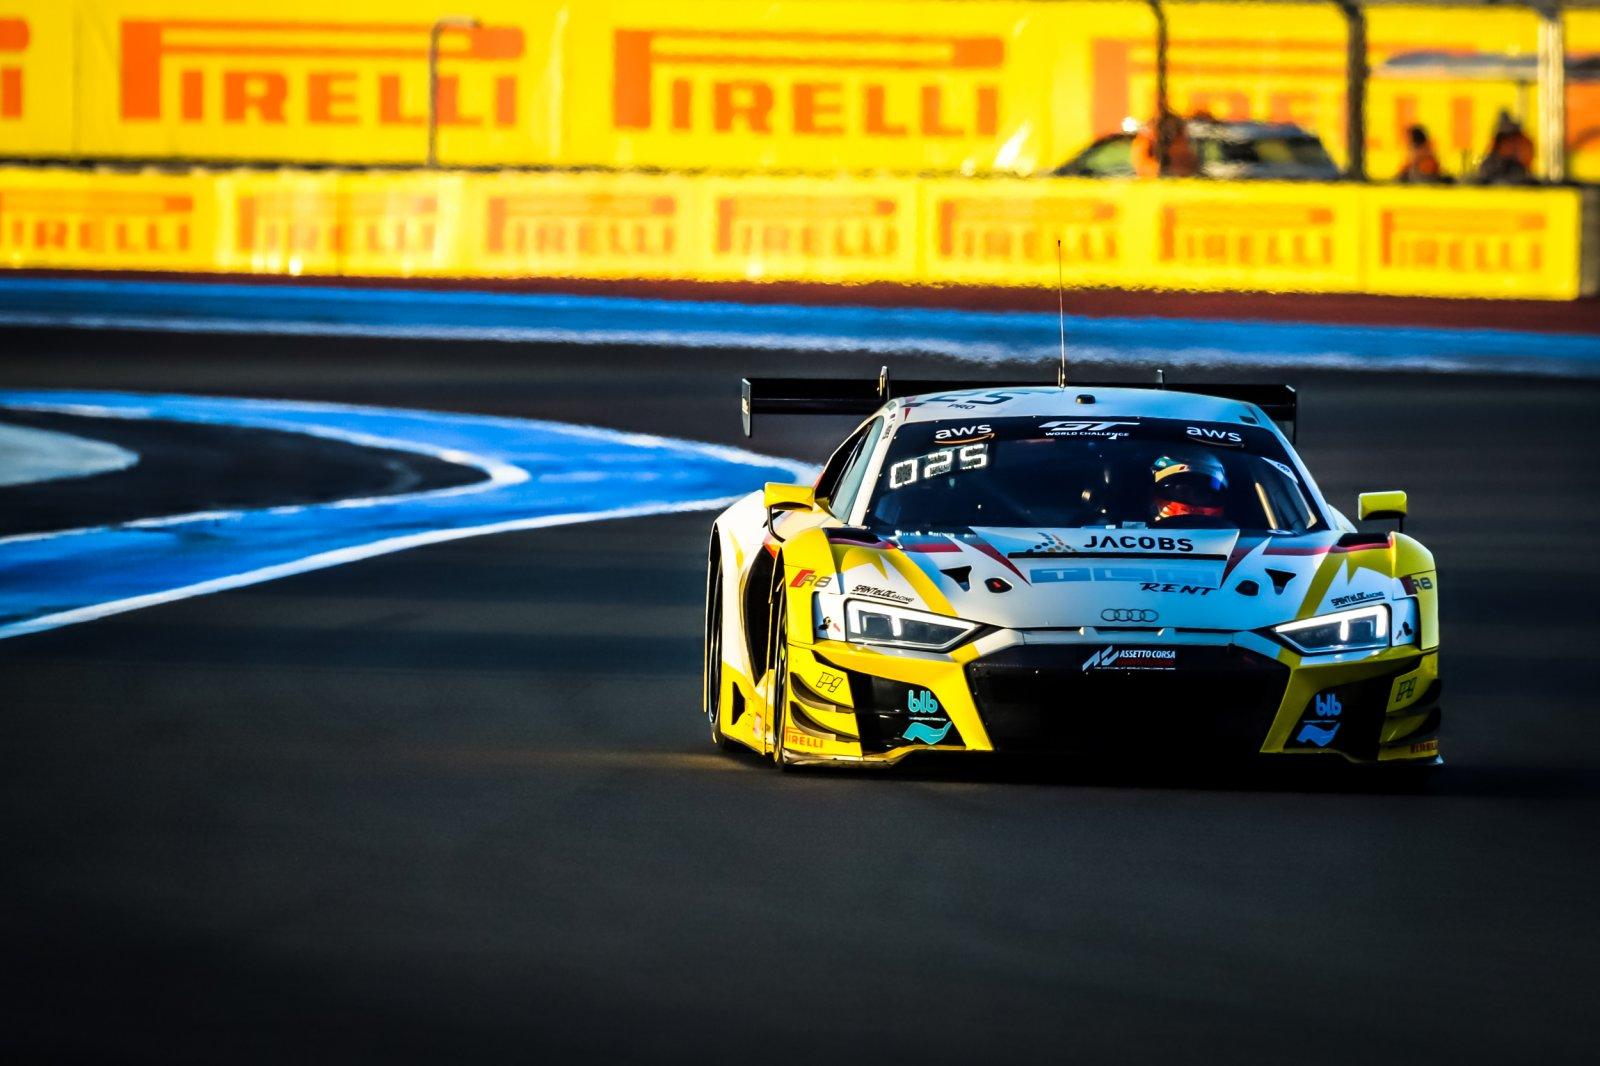 Sainteloc Racing Audi tops opening practice at Paul Ricard as season finale gets underway